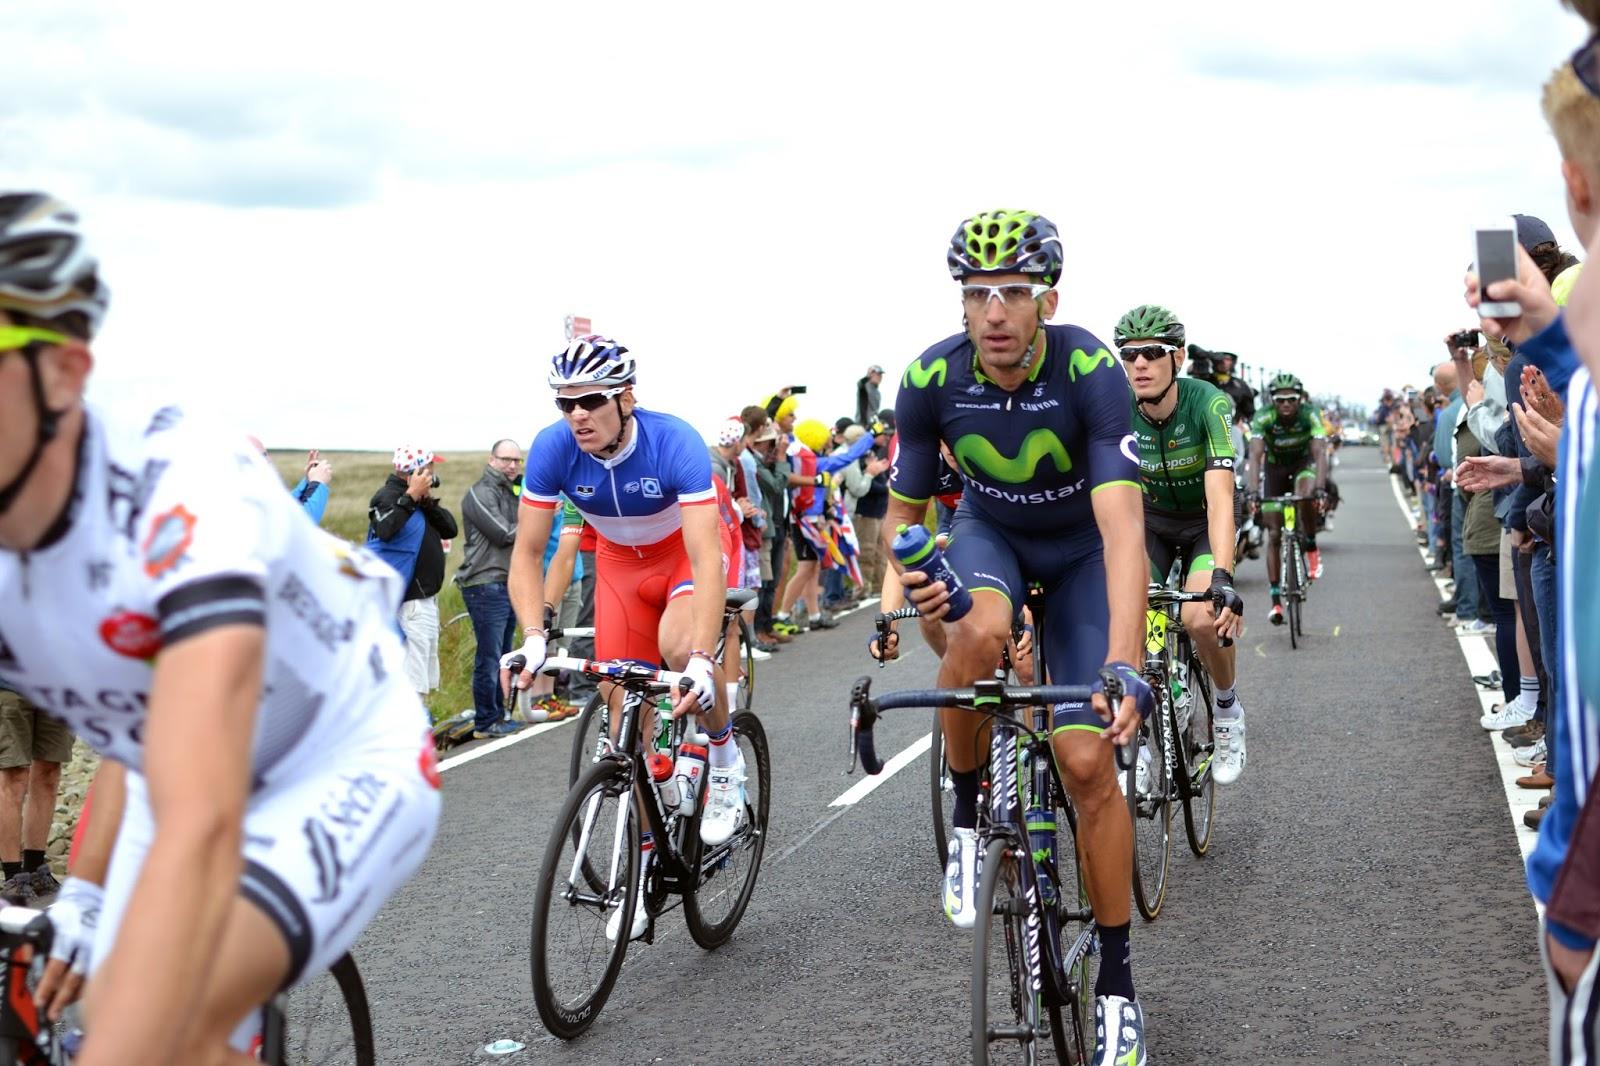 caravan, le tour de france, le tour, the tour de france, team sky, peloton, yorkshire, lancashire, tour de yorkshire, blackstone edge, cycling, velo, littleborough, greater manchester, rochdale, cragg vale, north west, TDF, 2014, bikes, photography, sport, athletes, cyclists, uk, great Britain, united kingdom, france, french,